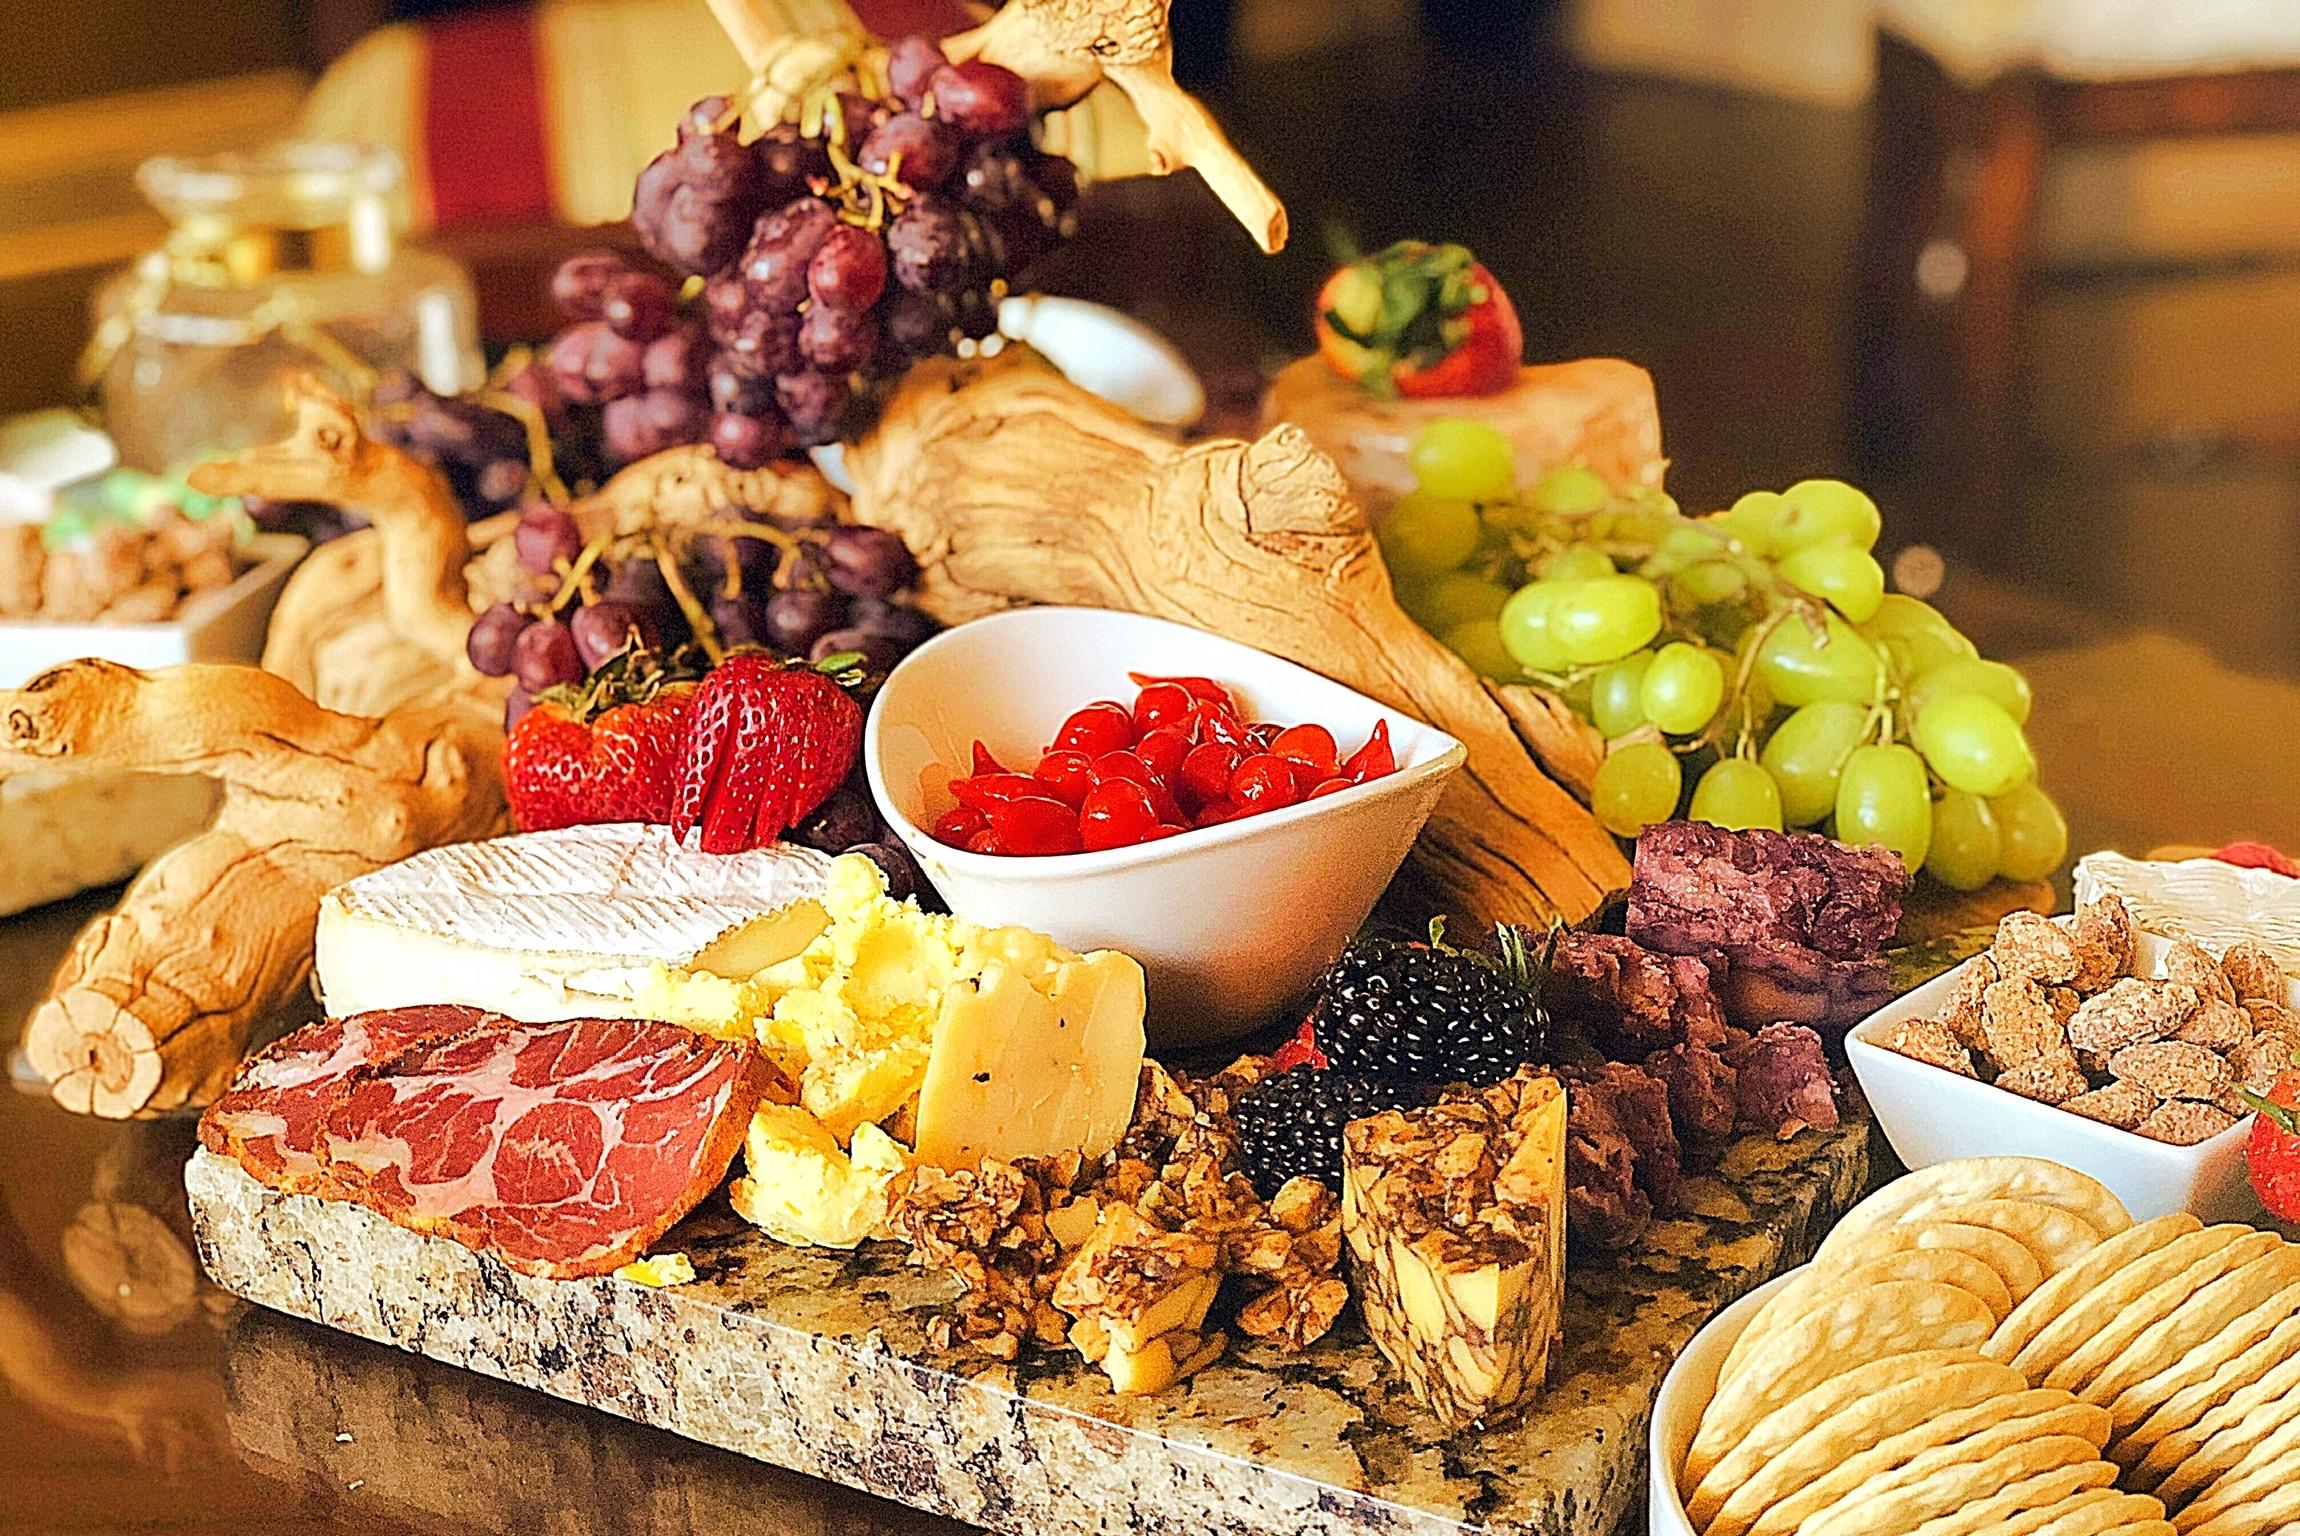 Chef Bob's Cheese & Charcuterie Boards